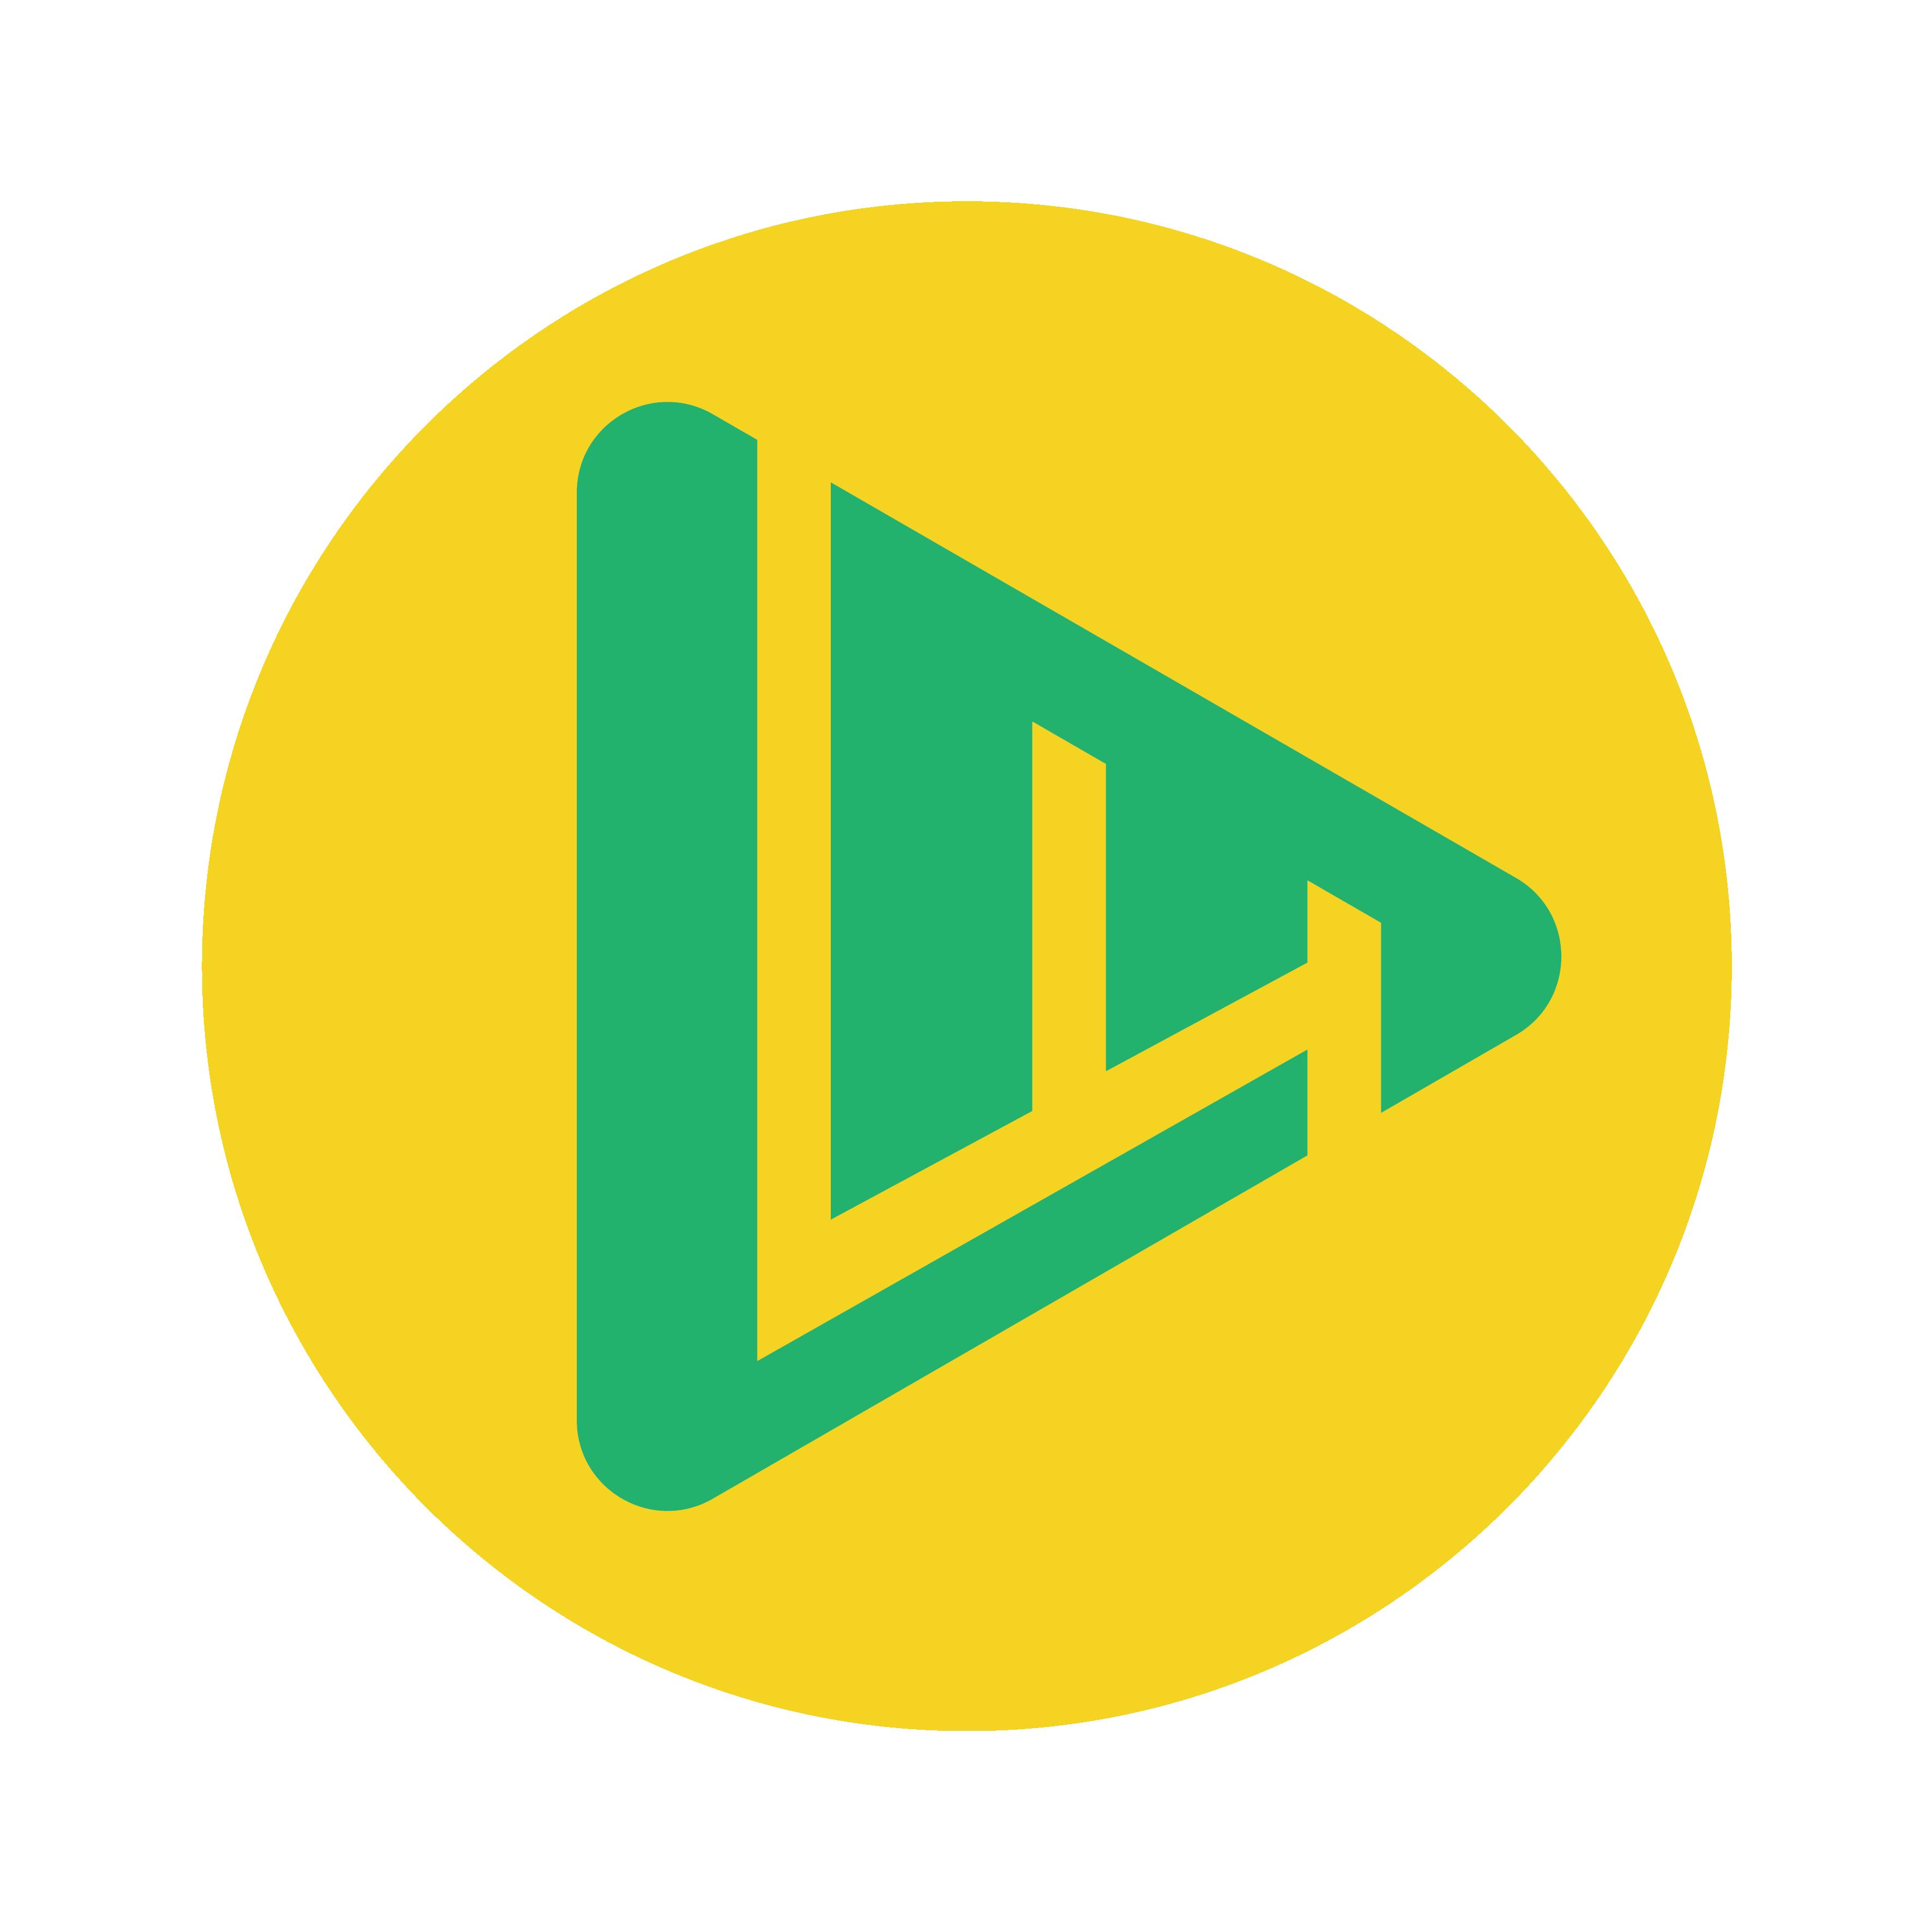 乐芒短视频APP1.0安卓正式版